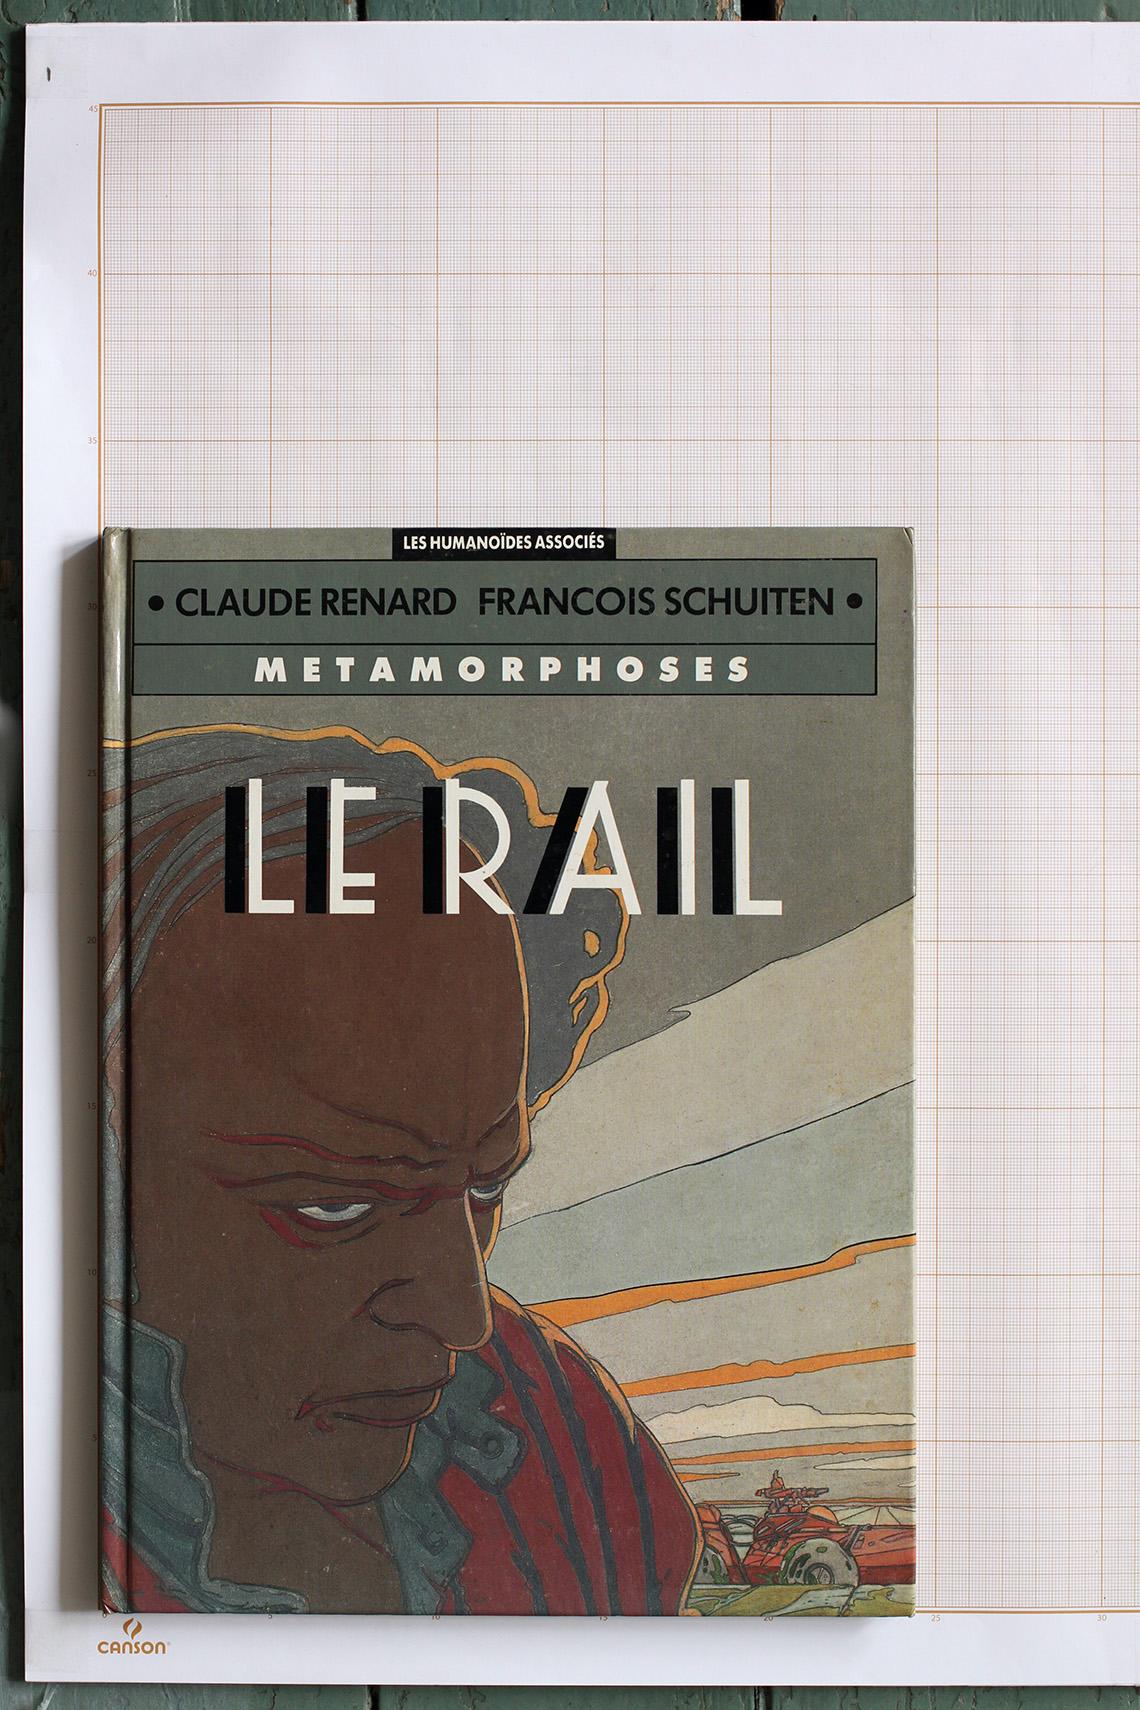 Le Rail, F.Schuiten & C.Renard - Humanoïdes Associés© Maison Autrique, 1991